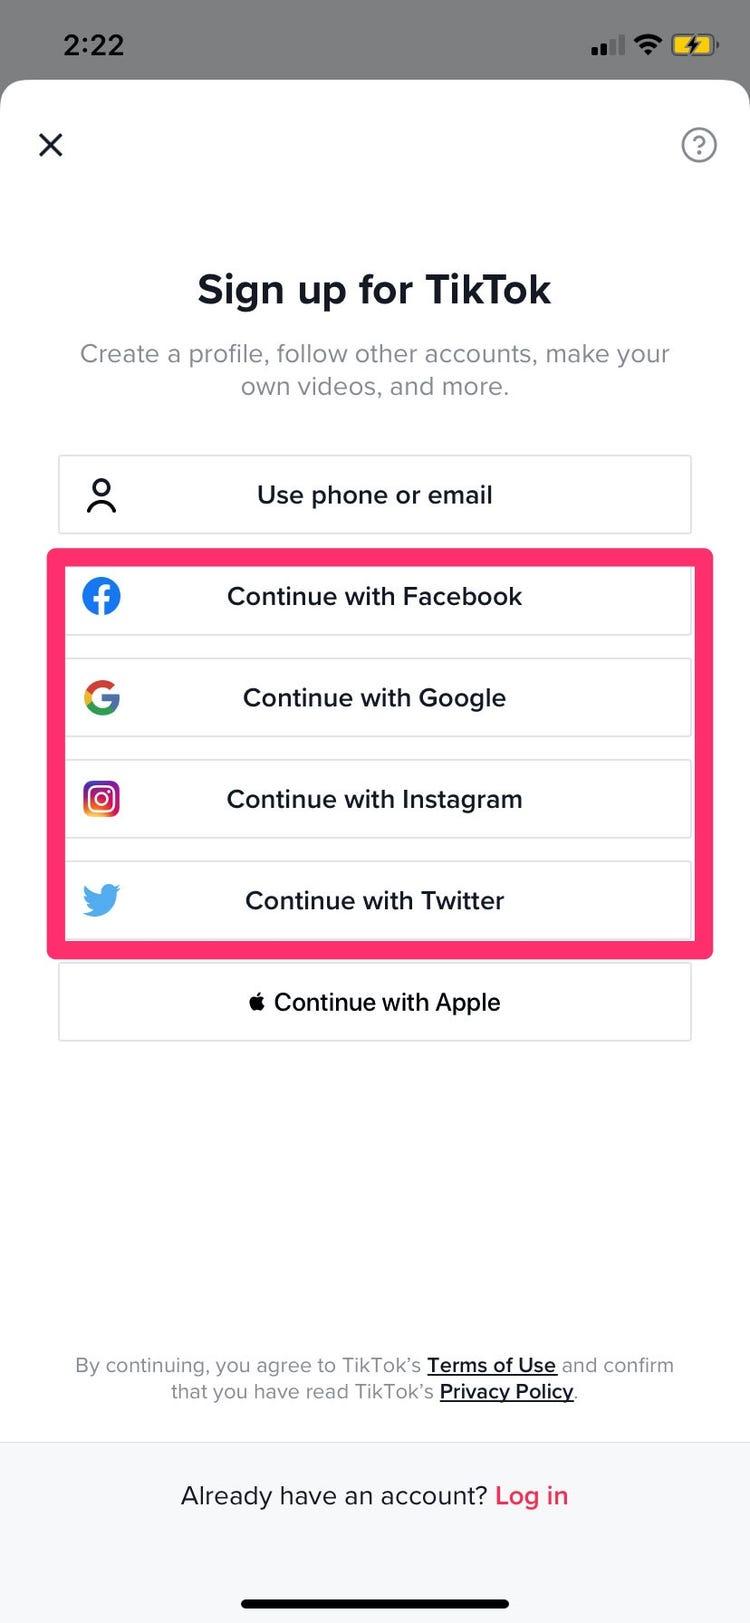 Untuk-melakukan-pendaftaran-akun-TikTok-Anda-bisa-menggunakan-beberapa-opsi-pilihan-mulai-dari-email-nomor-ponsel-melalui-akun-Google-atau-akun-Facebook